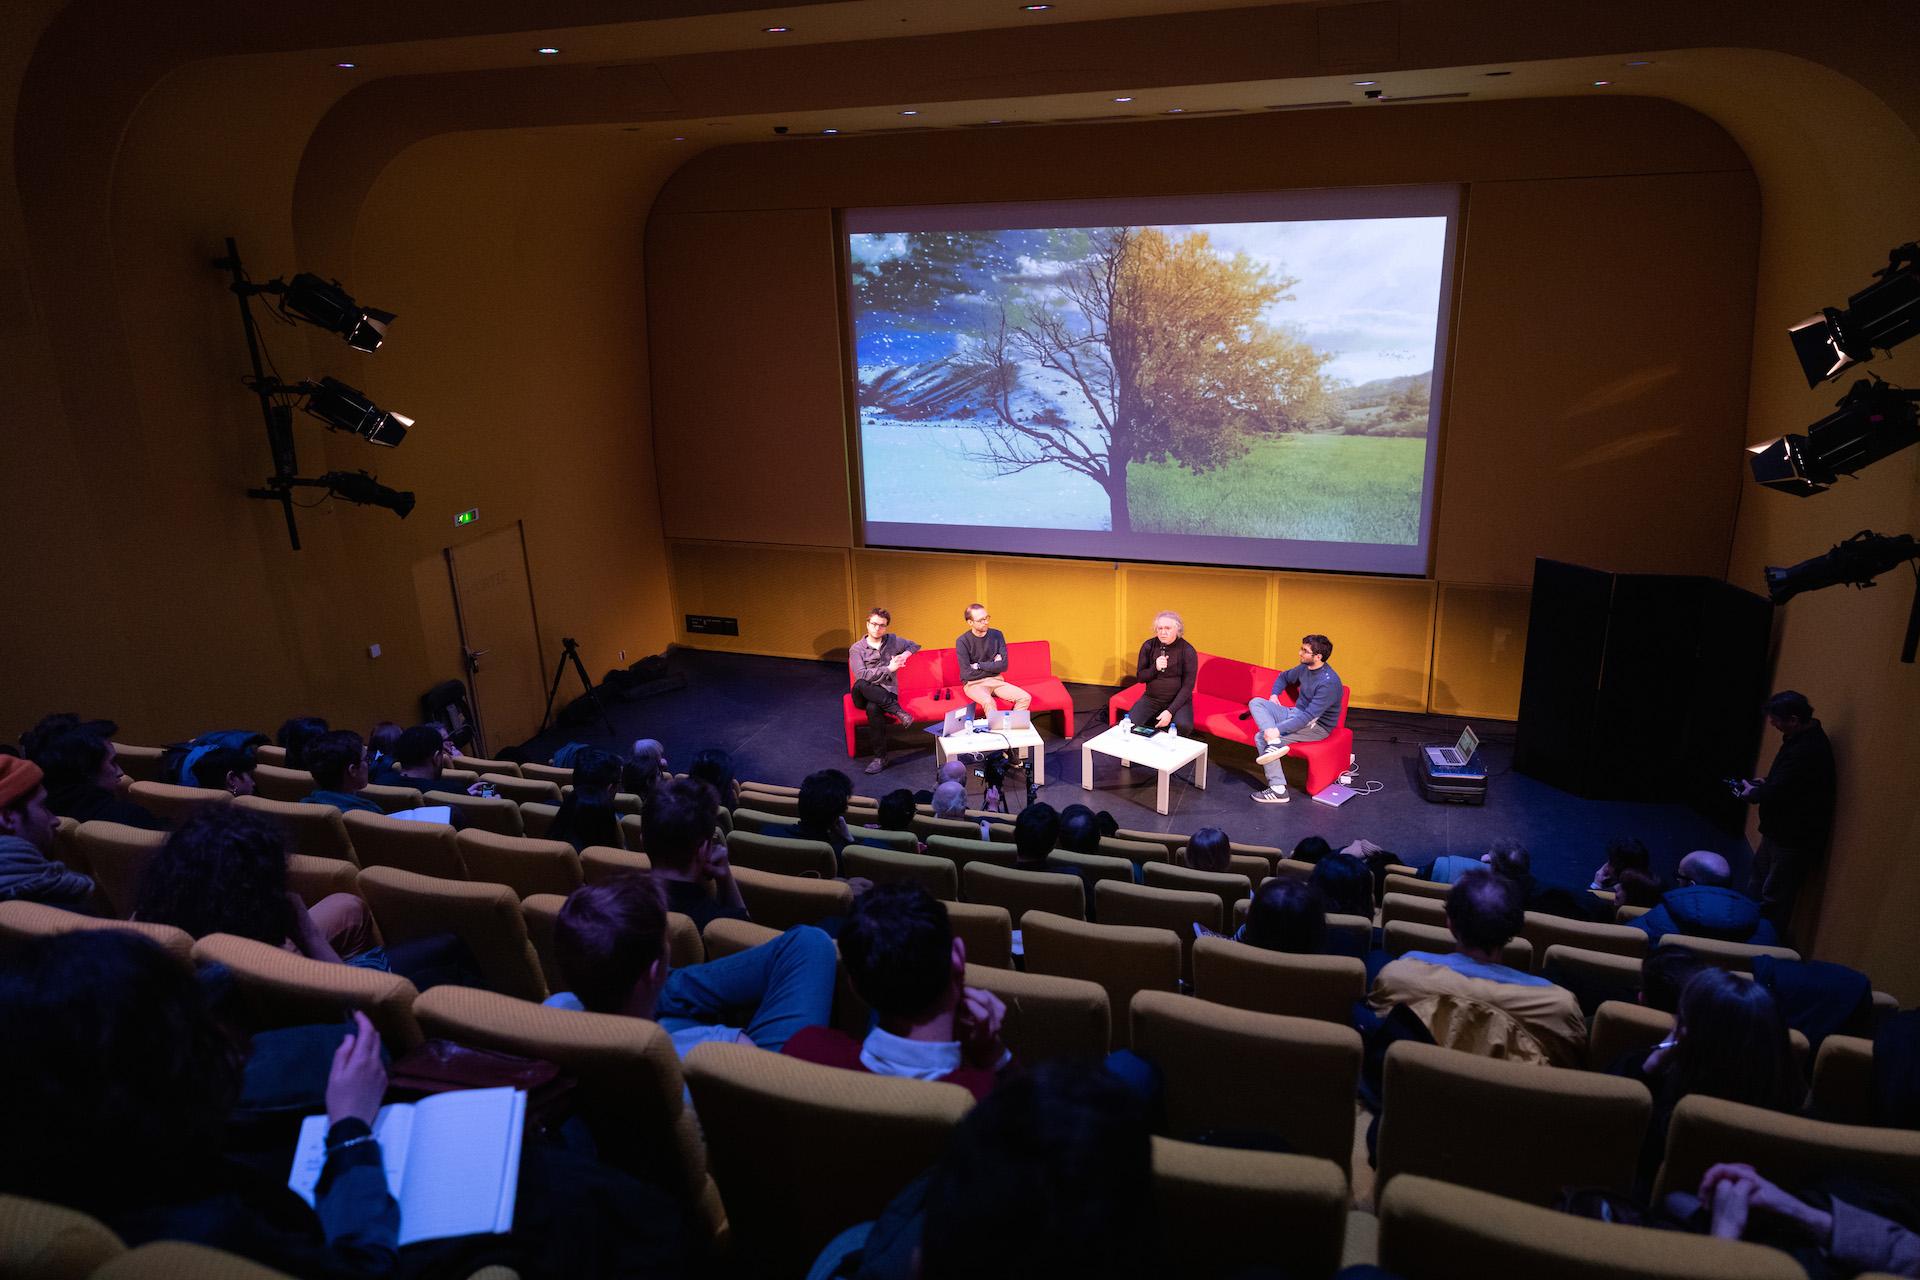 L'auditorium de la Gaité-Lyrique, conférence P&P2020